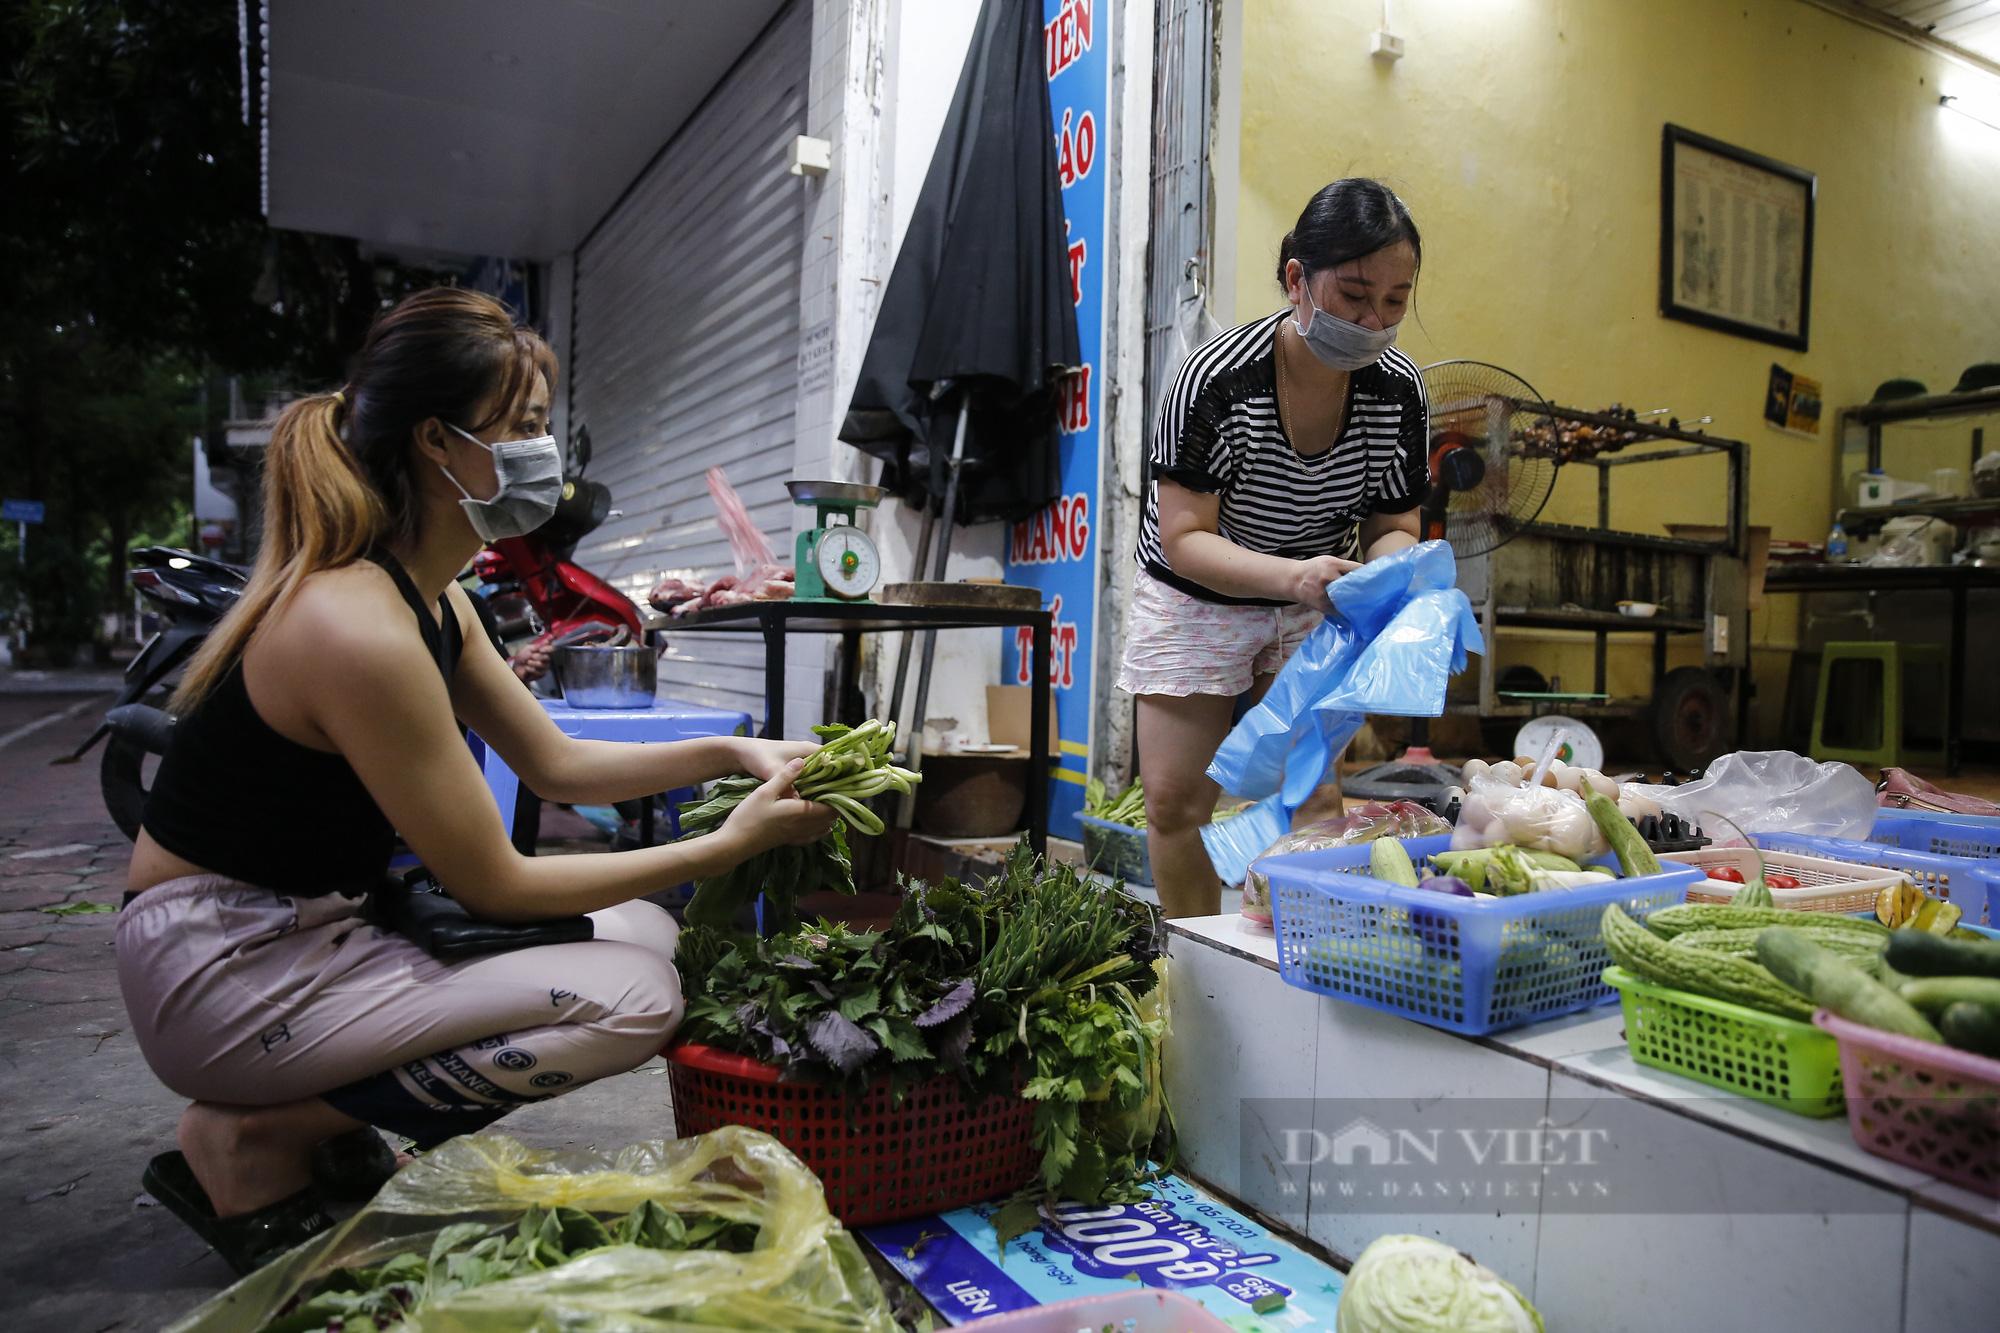 Hà Nội: Nhà hàng, quán cà phê, tiệm cắt tóc... chuyển sang bán thực phẩm thiết yếu - Ảnh 2.